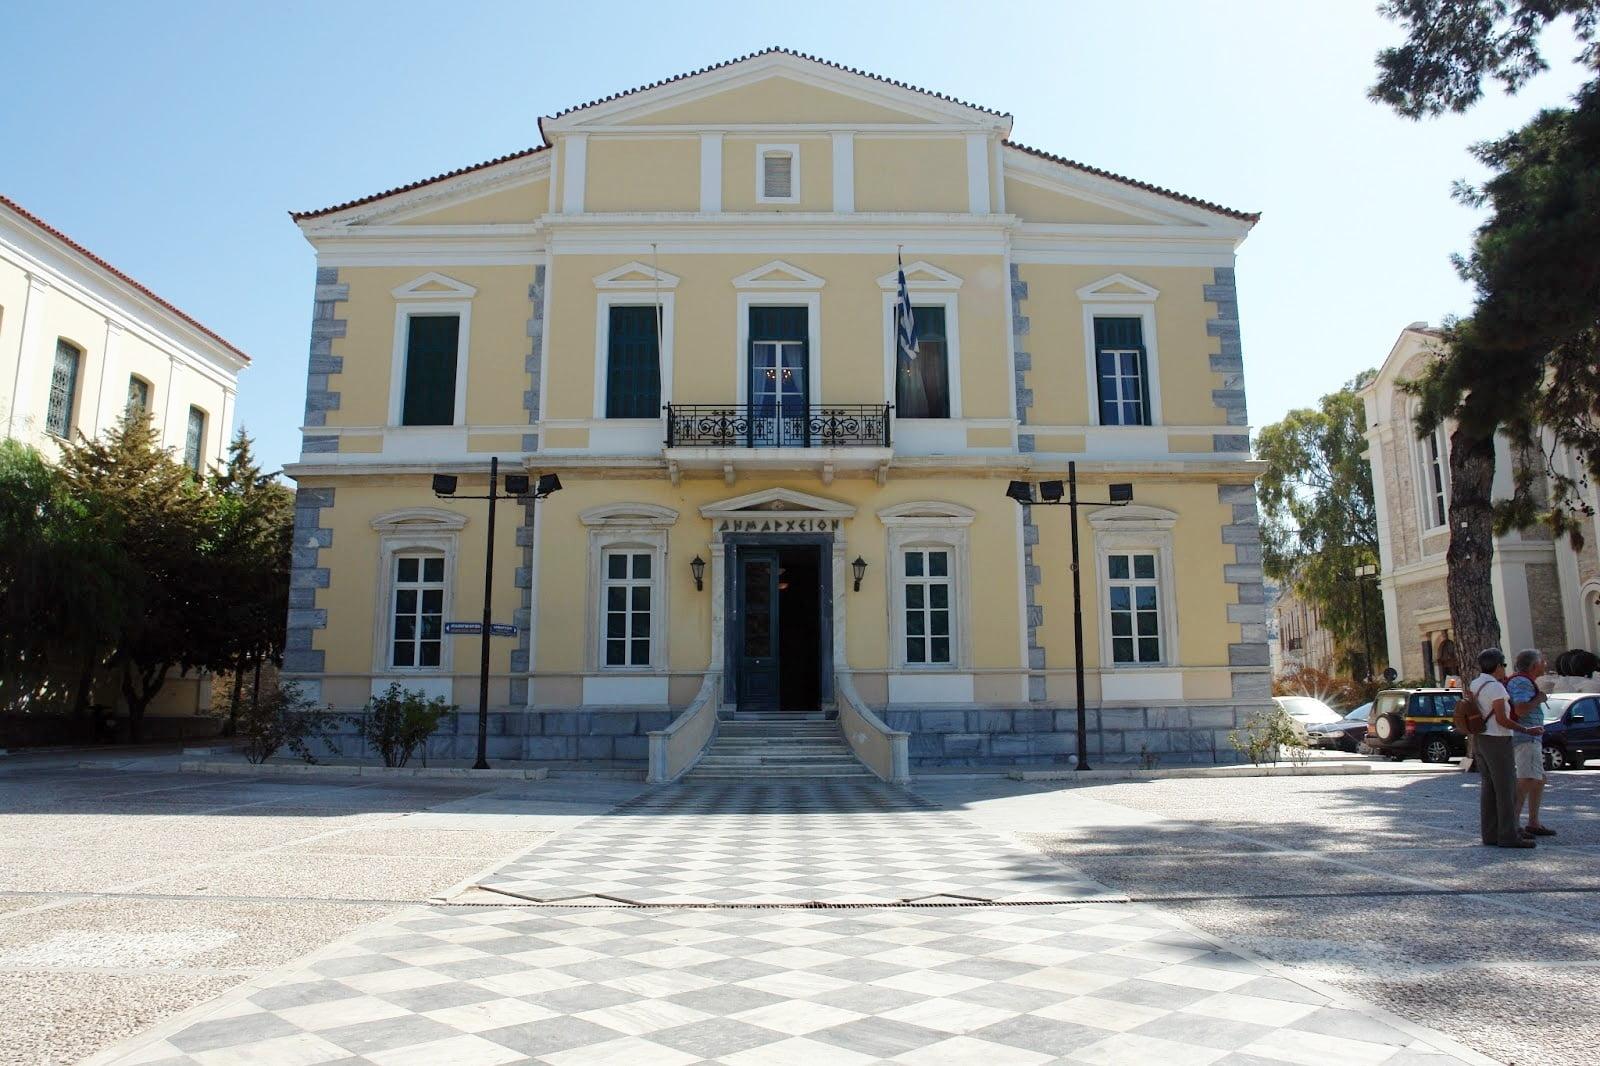 Προληπτικά μέτρα του Δήμου Ανατολικής Σάμου για τον κορονοϊό